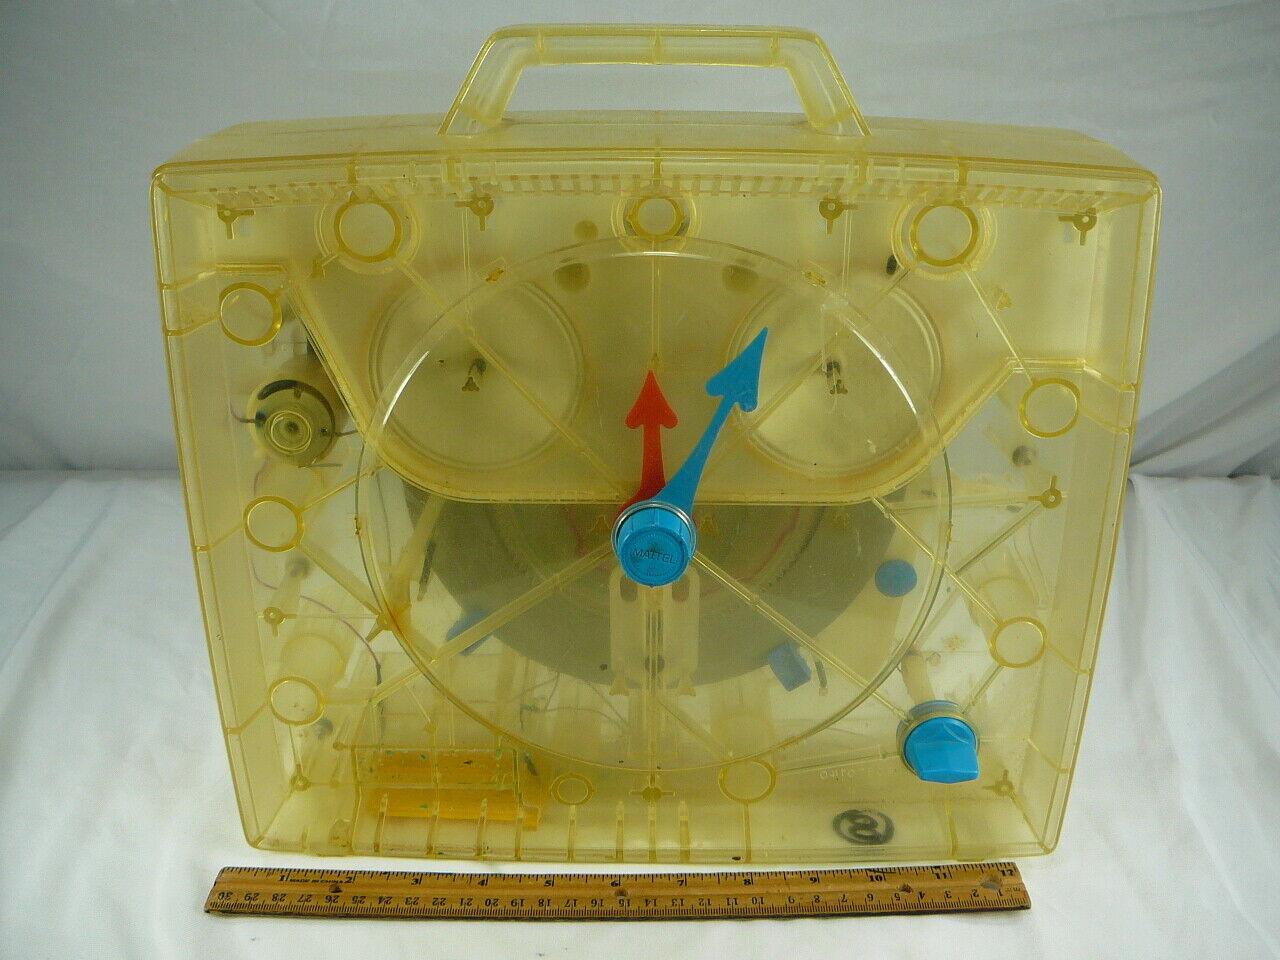 Vintage Reloj Mattel projootipo hablando muestra poco propiedad de empleados Original 1969